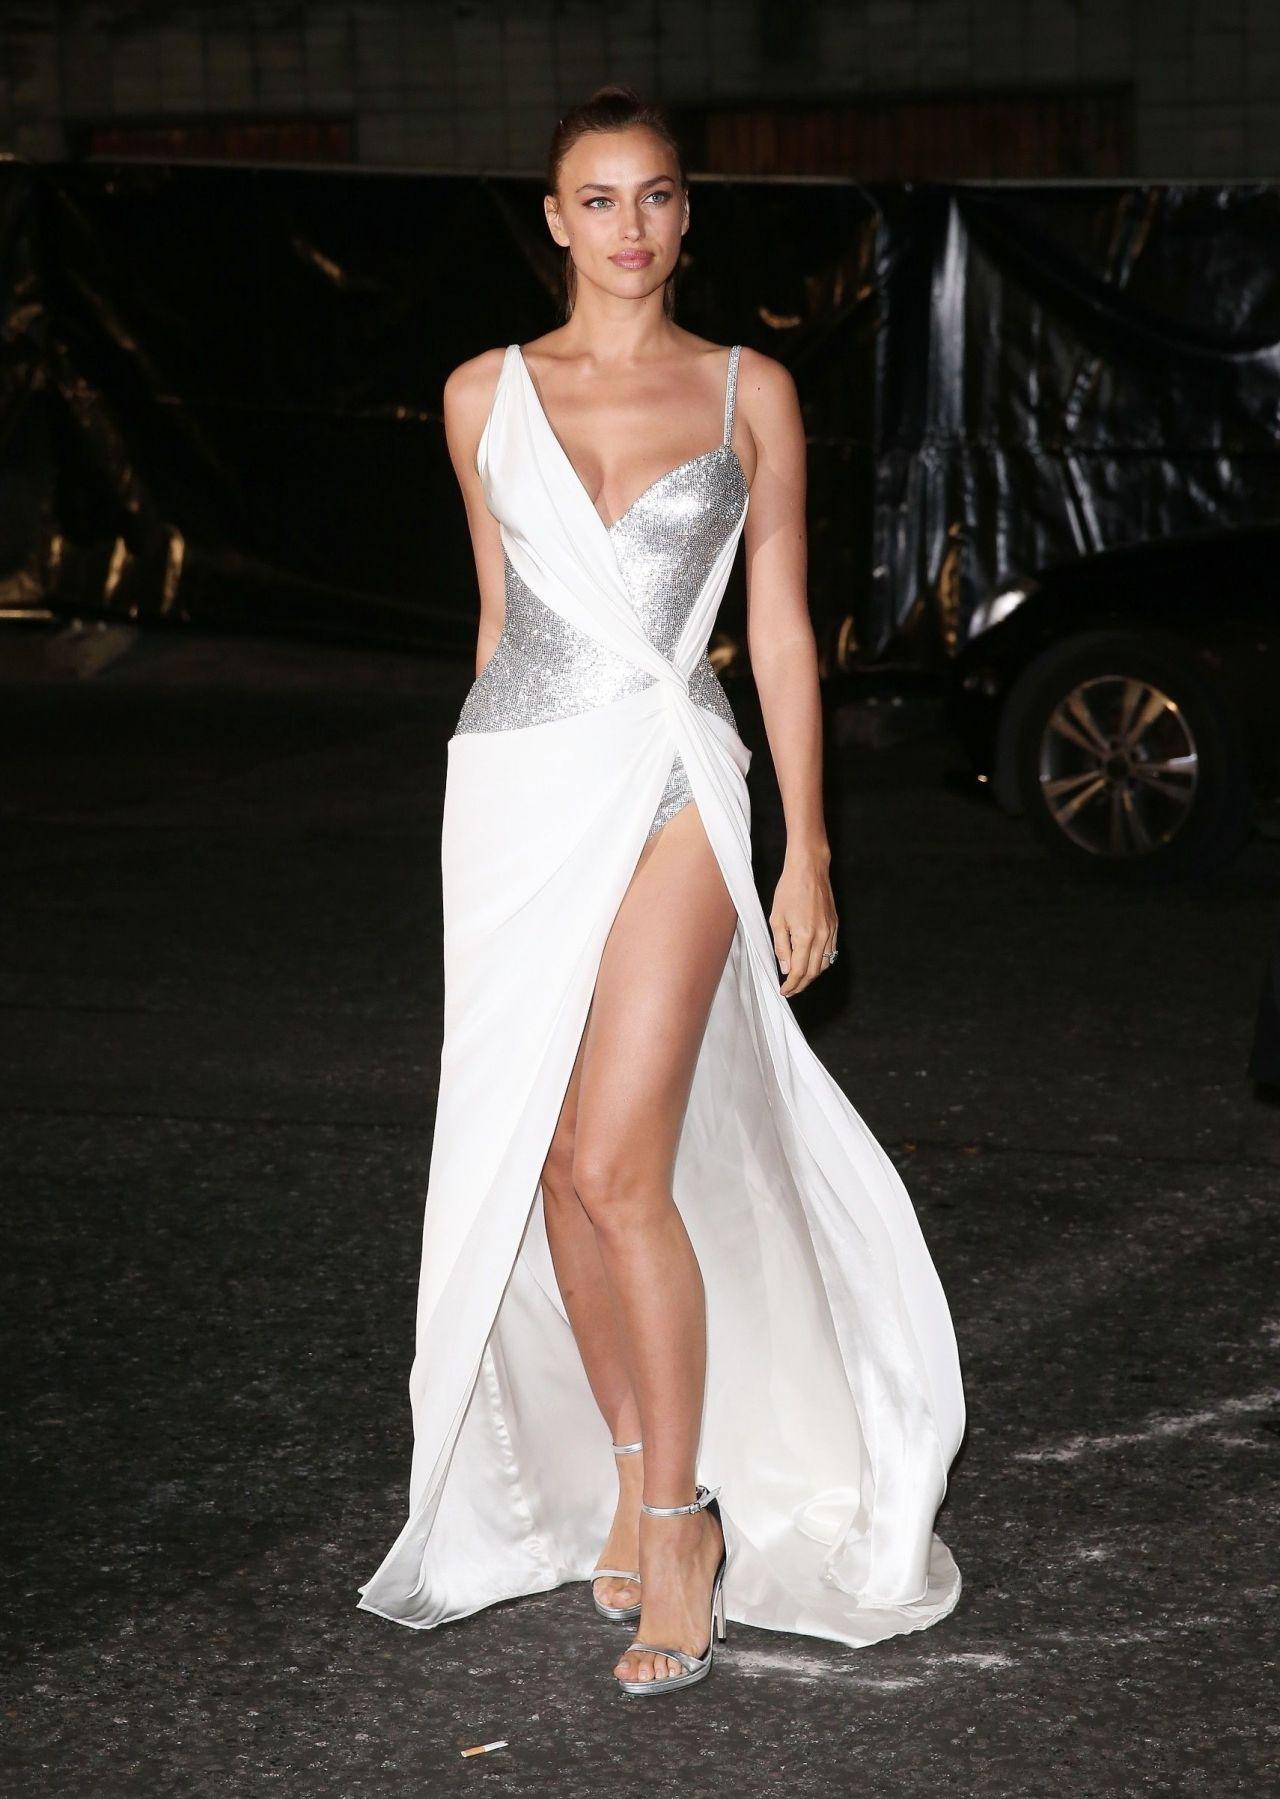 Irina Shayk in Versace Gown - London 12/04/2017